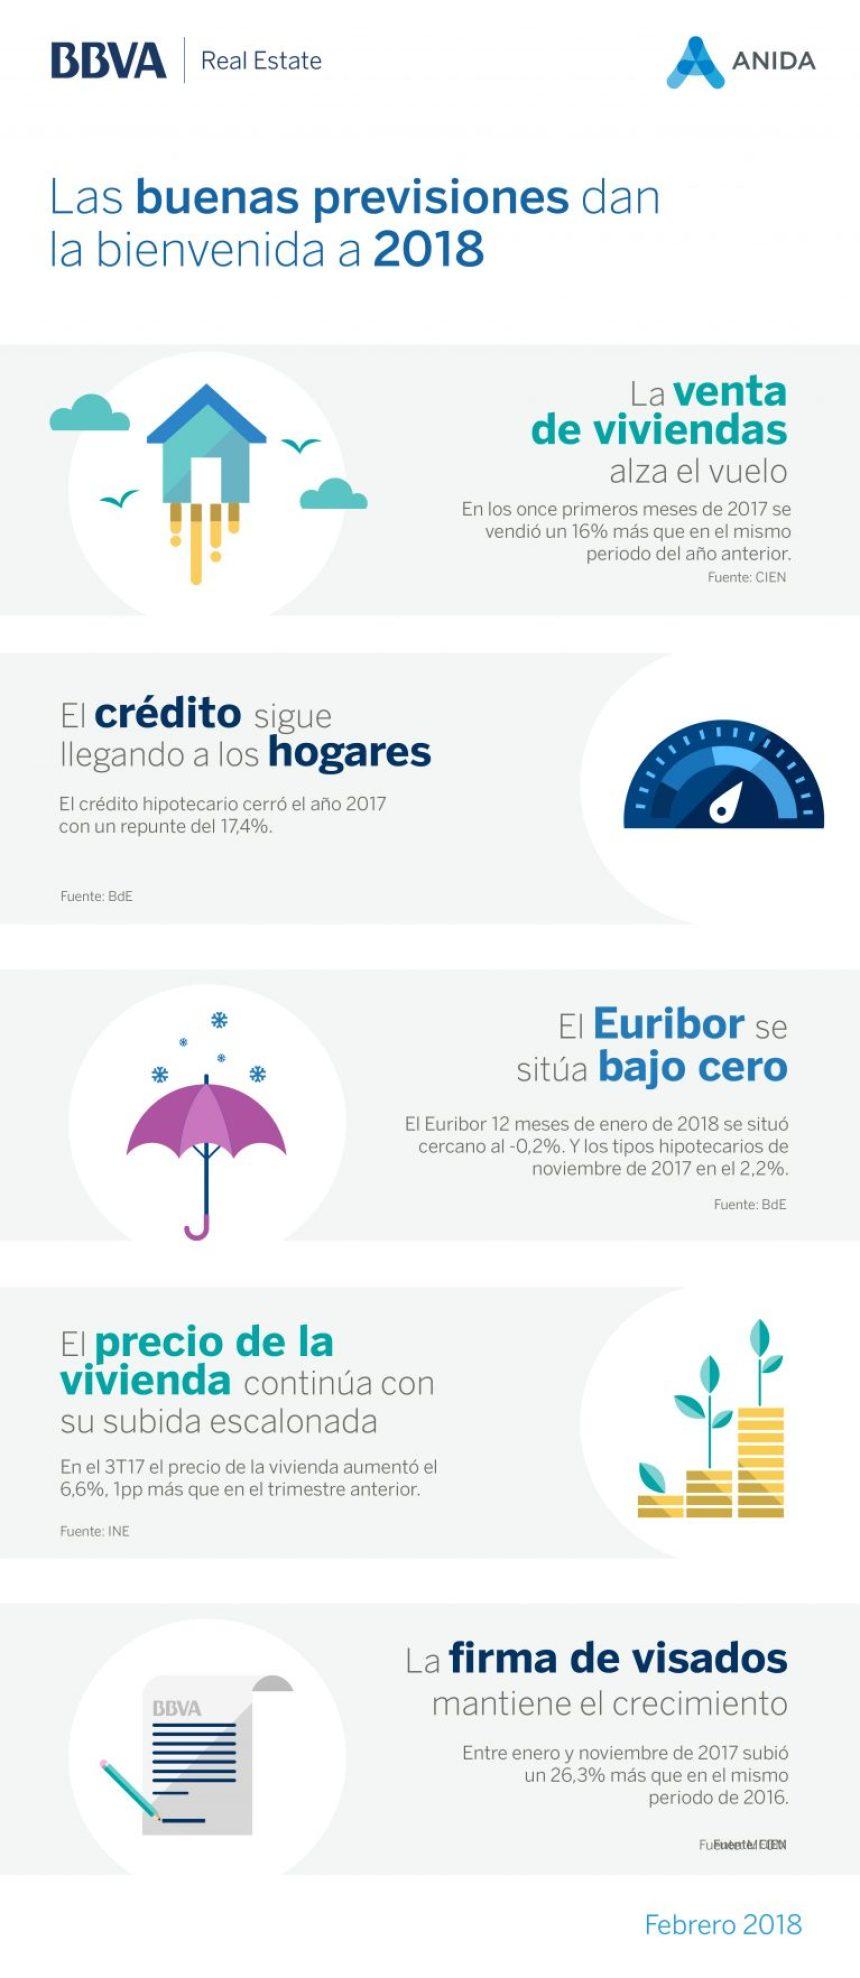 Buenas previsiones para el sector inmobiliario en España